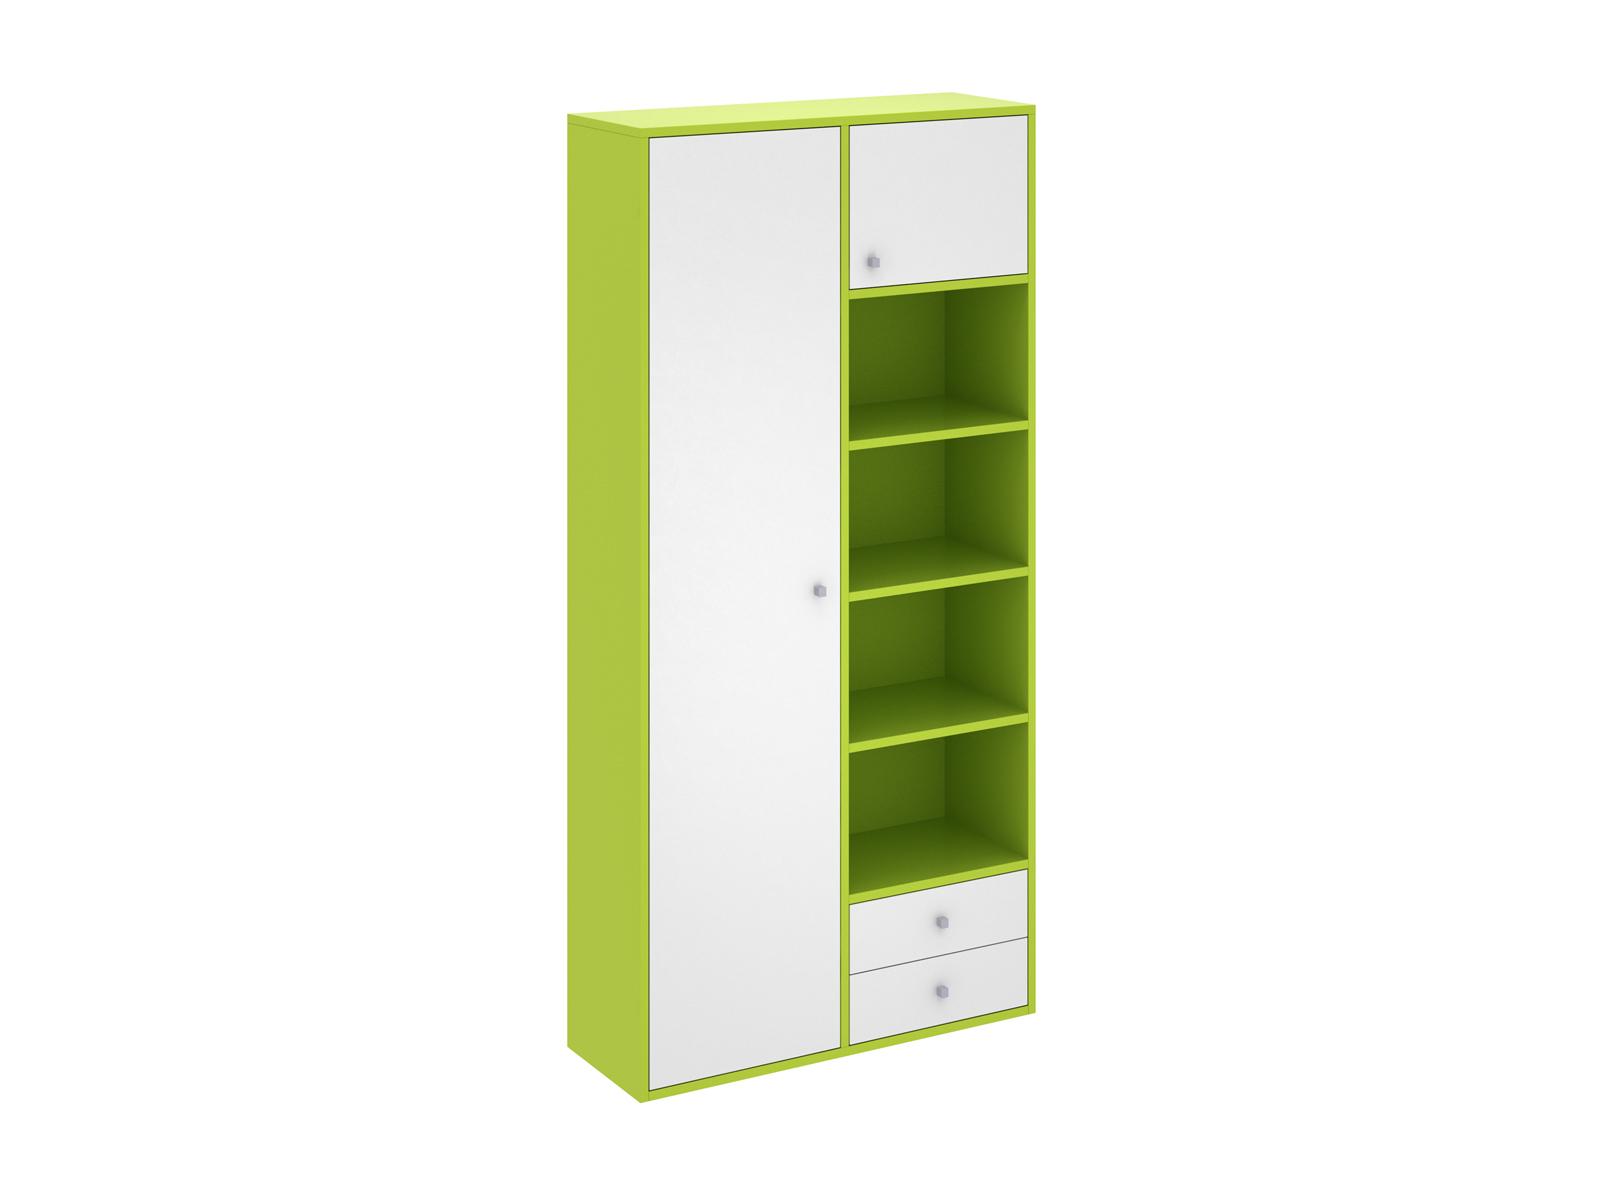 Шкаф PinokkioШкафы<br>Шкаф комбинированный имеет два отделения. В первом отделении расположены полки. Во втором - выдвижная штанга для одежды. Данный шкаф выполнен в левостороннем исполнении.<br>